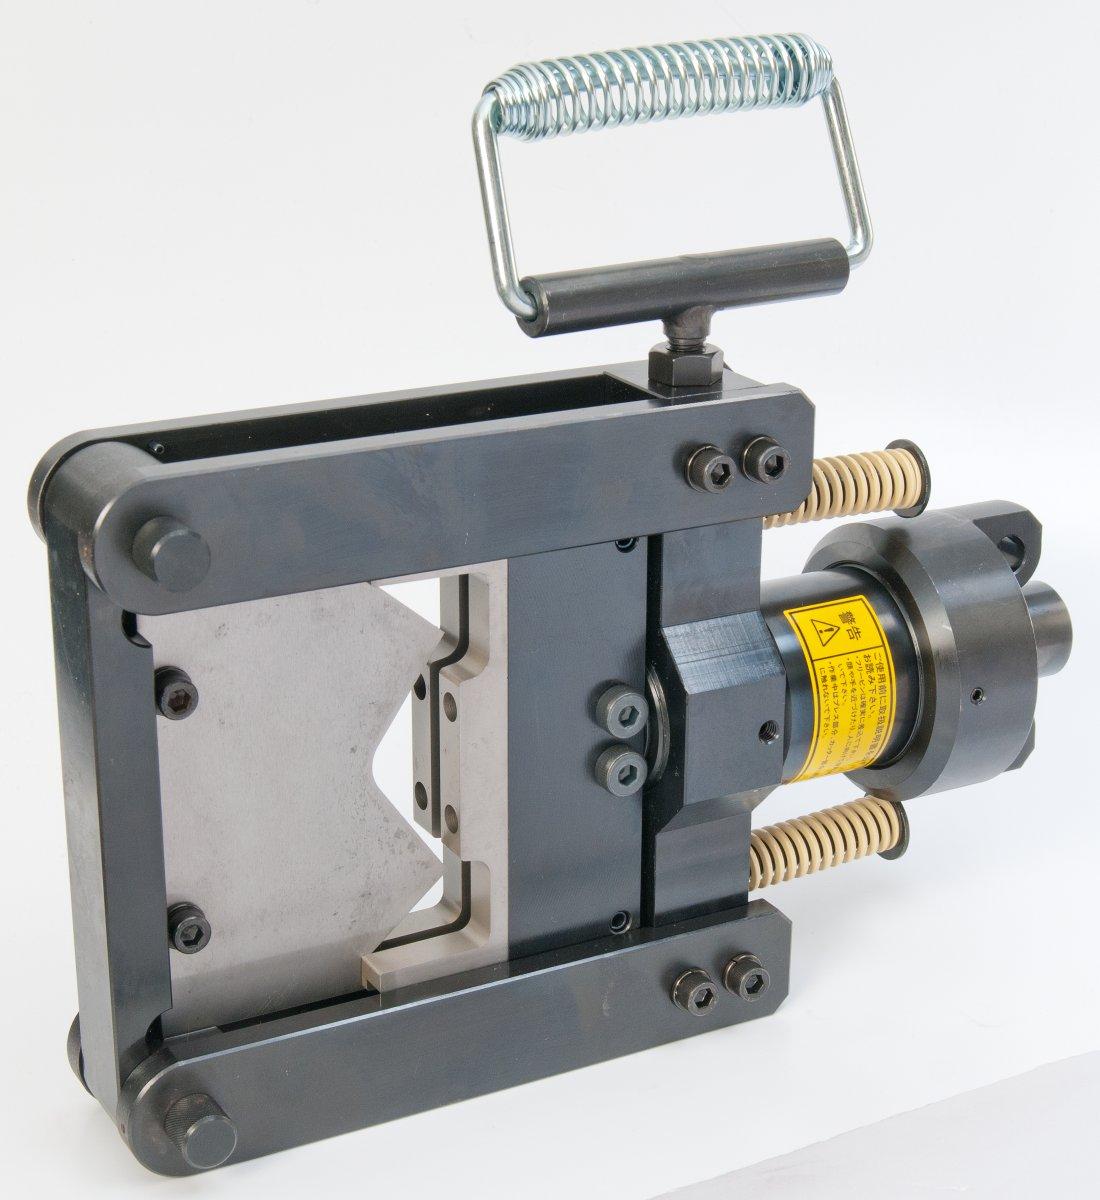 カクタス (CACTUS) ケーブルラックカッター CRC-100